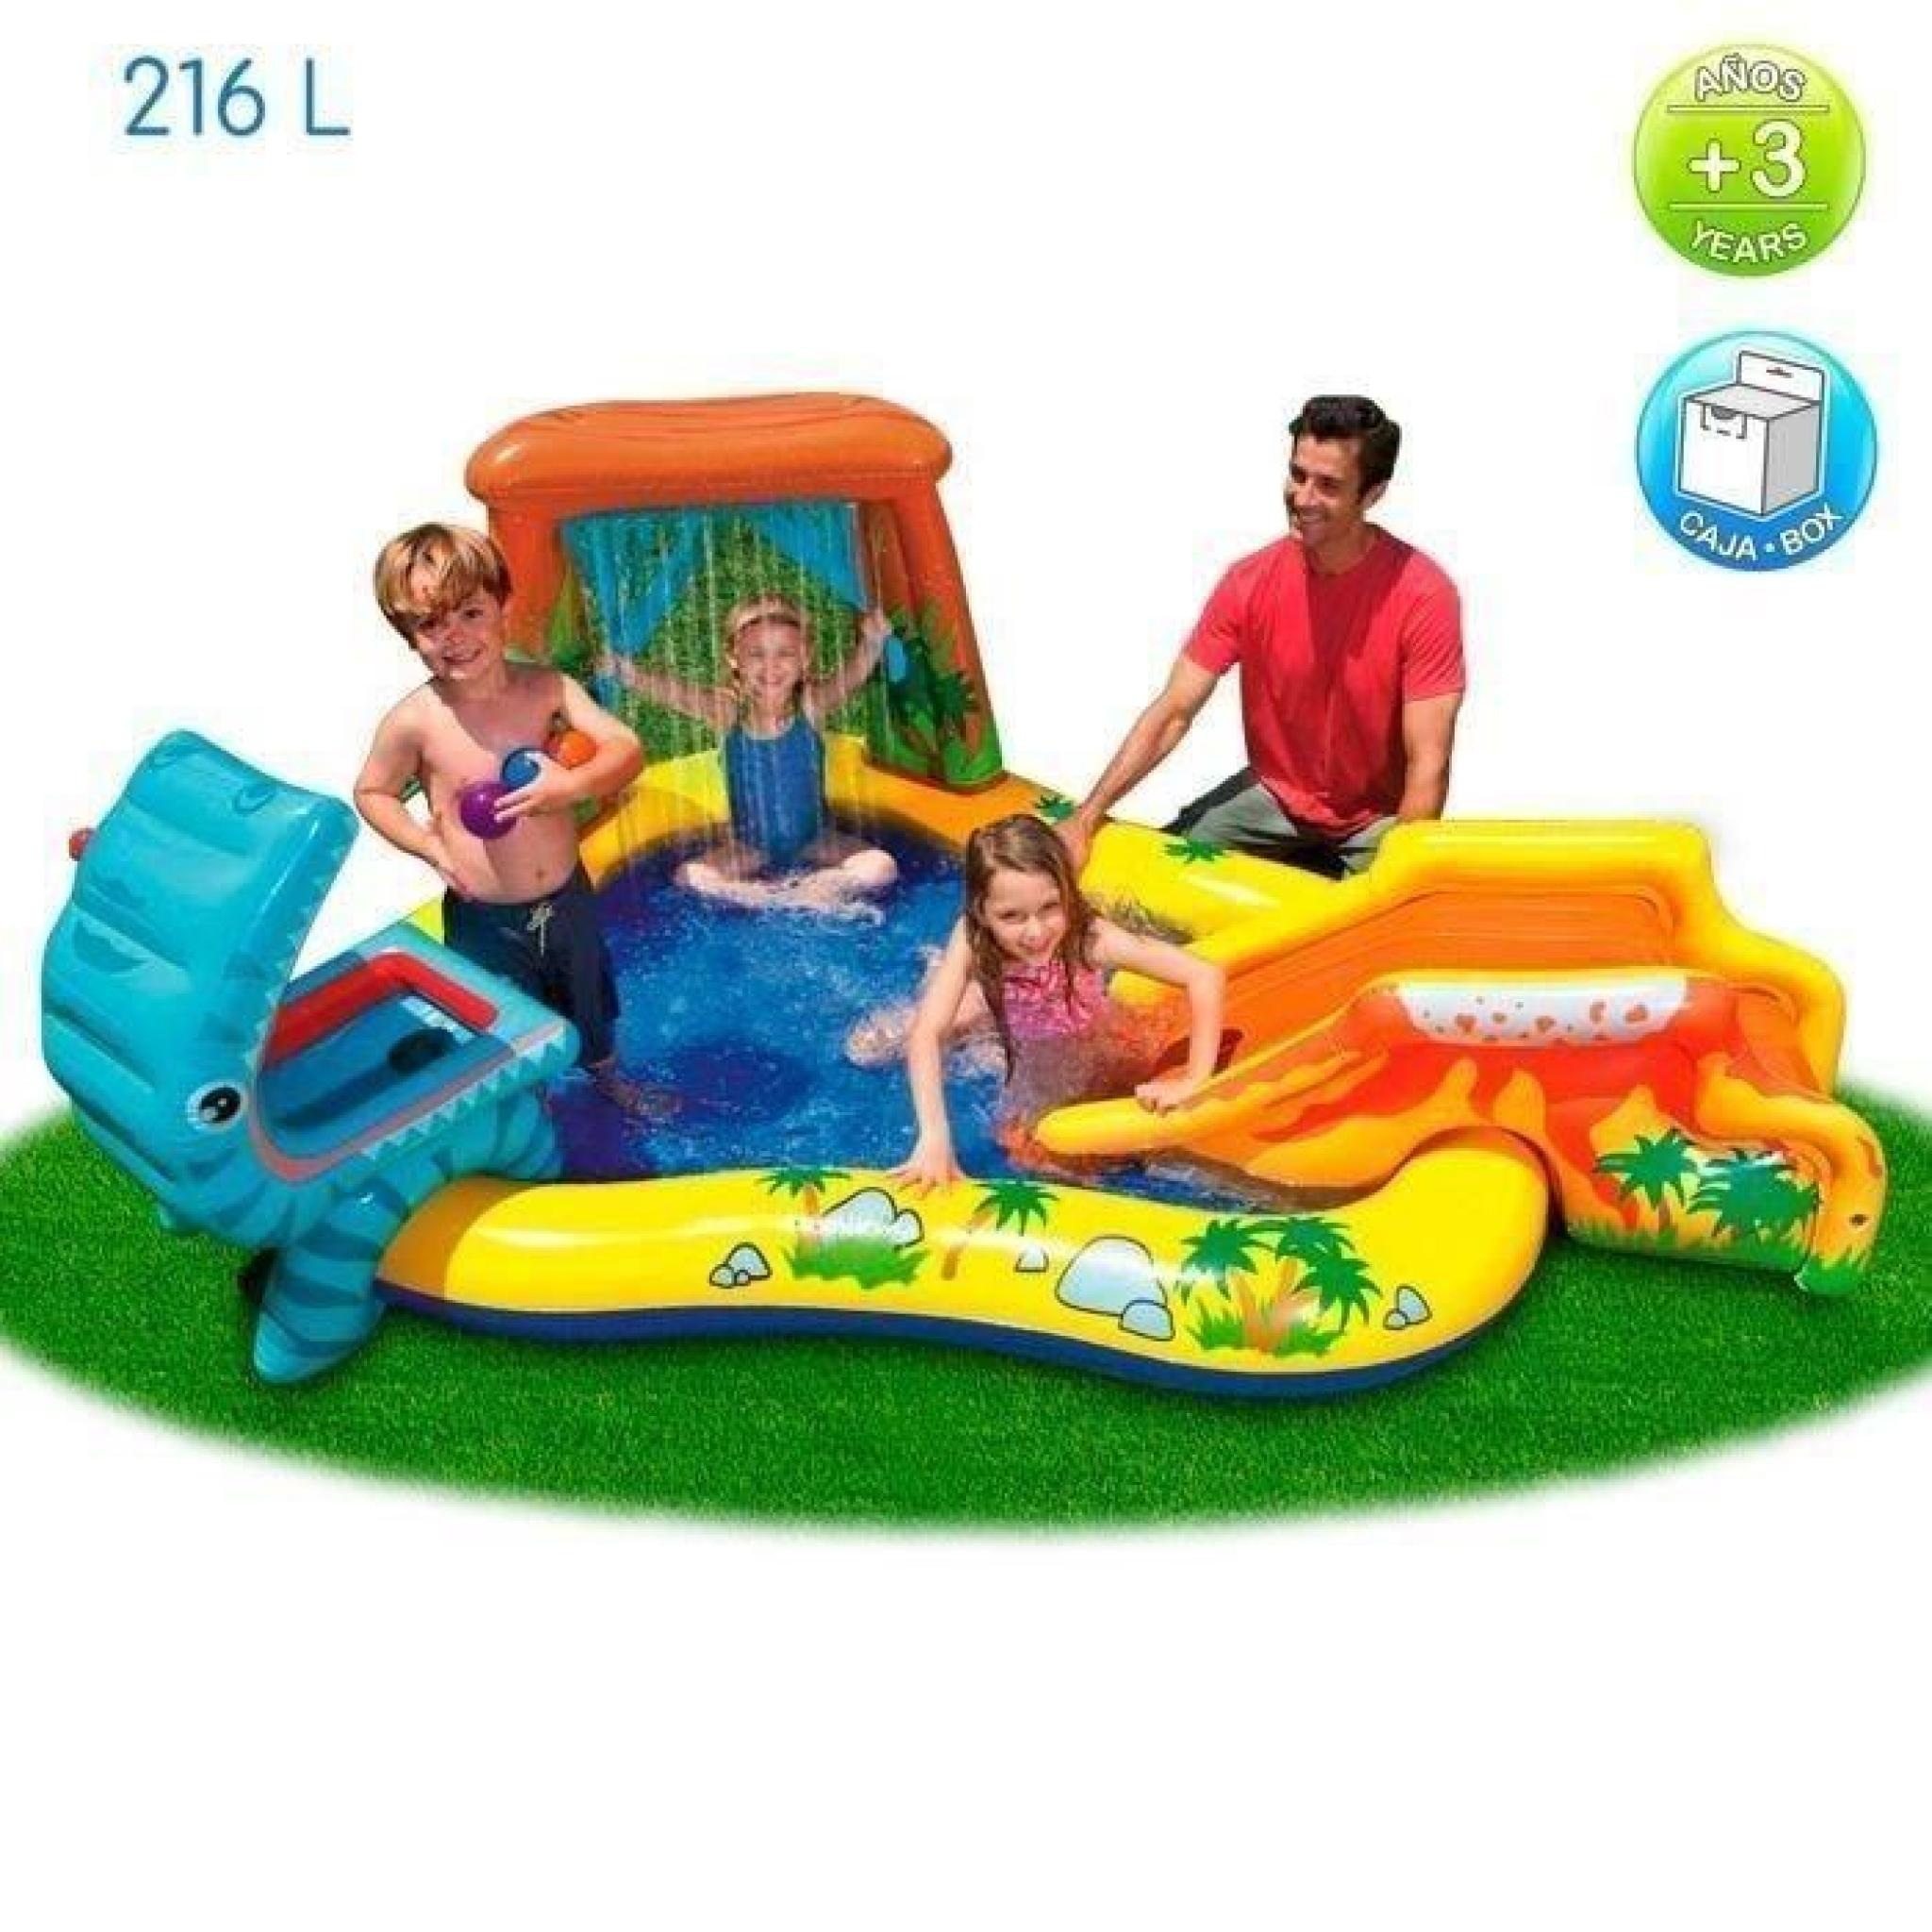 Intex Piscine Gonflable Enfant / Aire De Jeux Aquatique 297 X 193 X 135 Cm  Rainbow Avec Toboggan, Sprayer, Anneaux Gonflables Et Bal avec Aire De Jeux Gonflable Avec Piscine